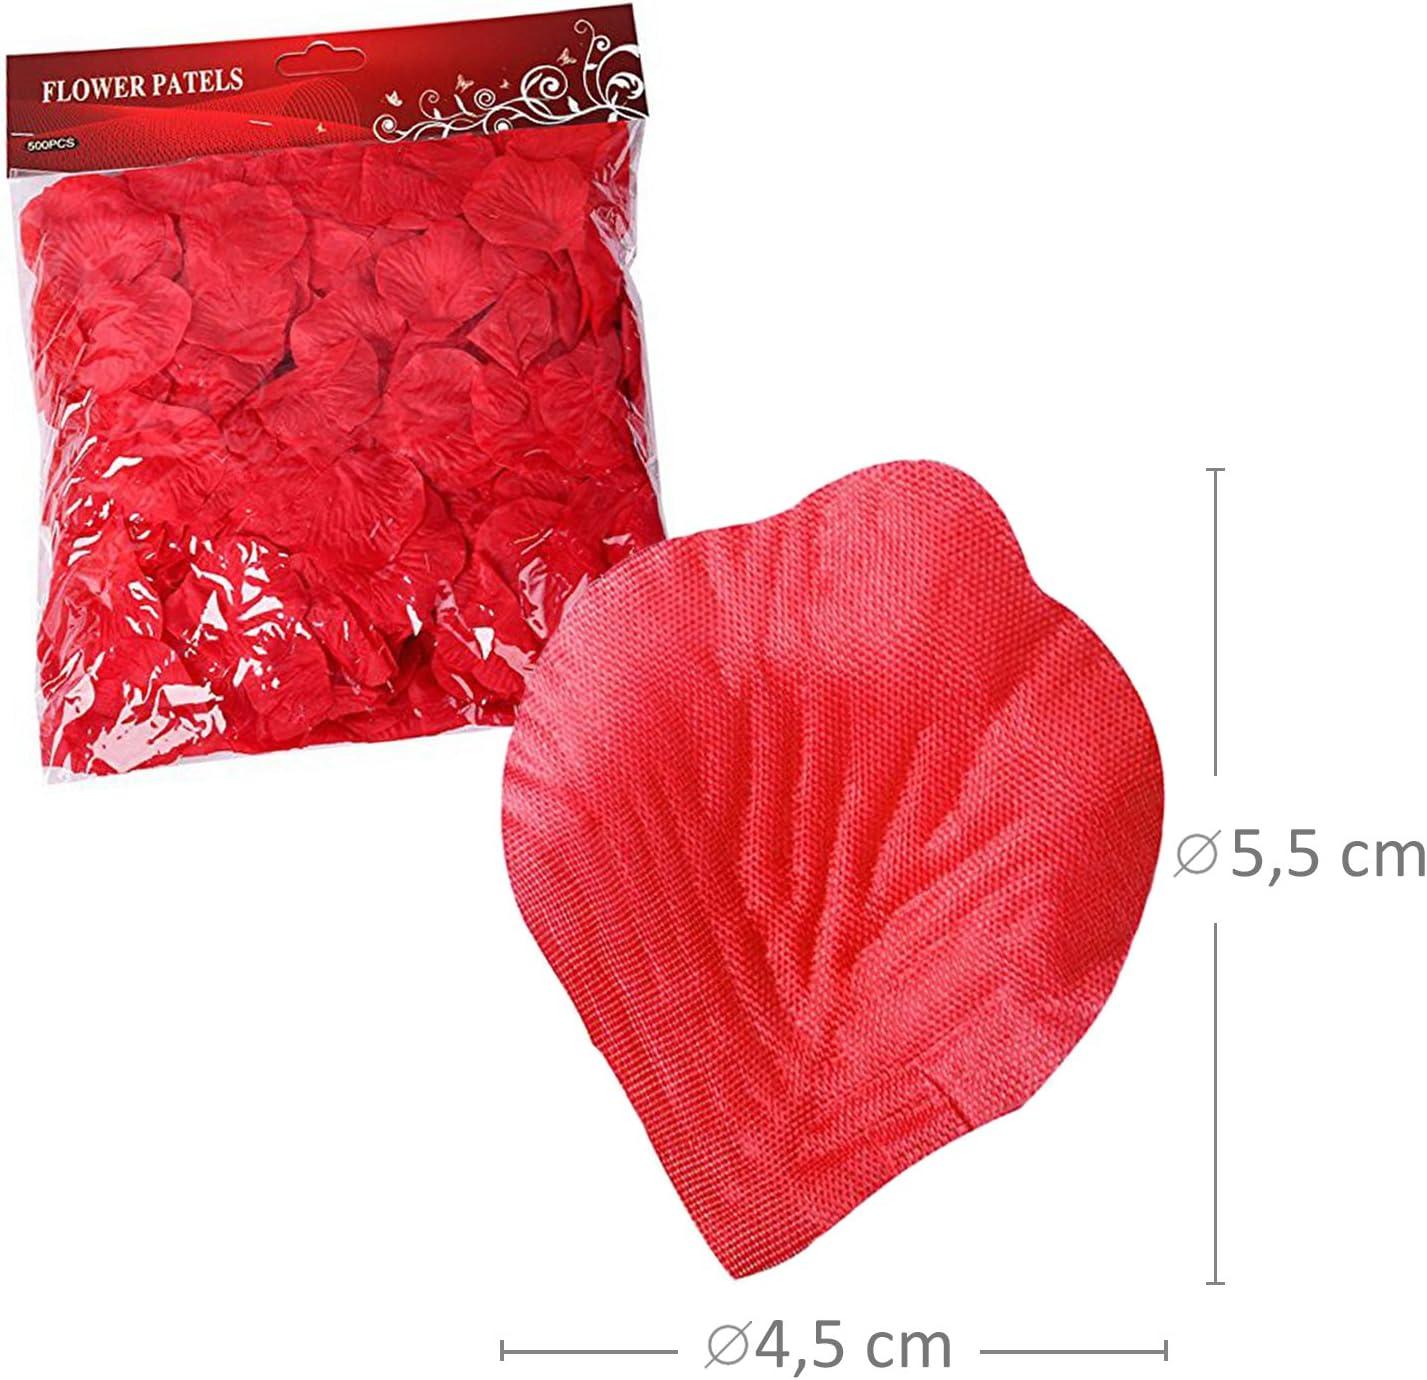 0346 S//o 1000er de p/étales de rose rouge p/étales de roses fleurs artificielles feuillage seidenblumen